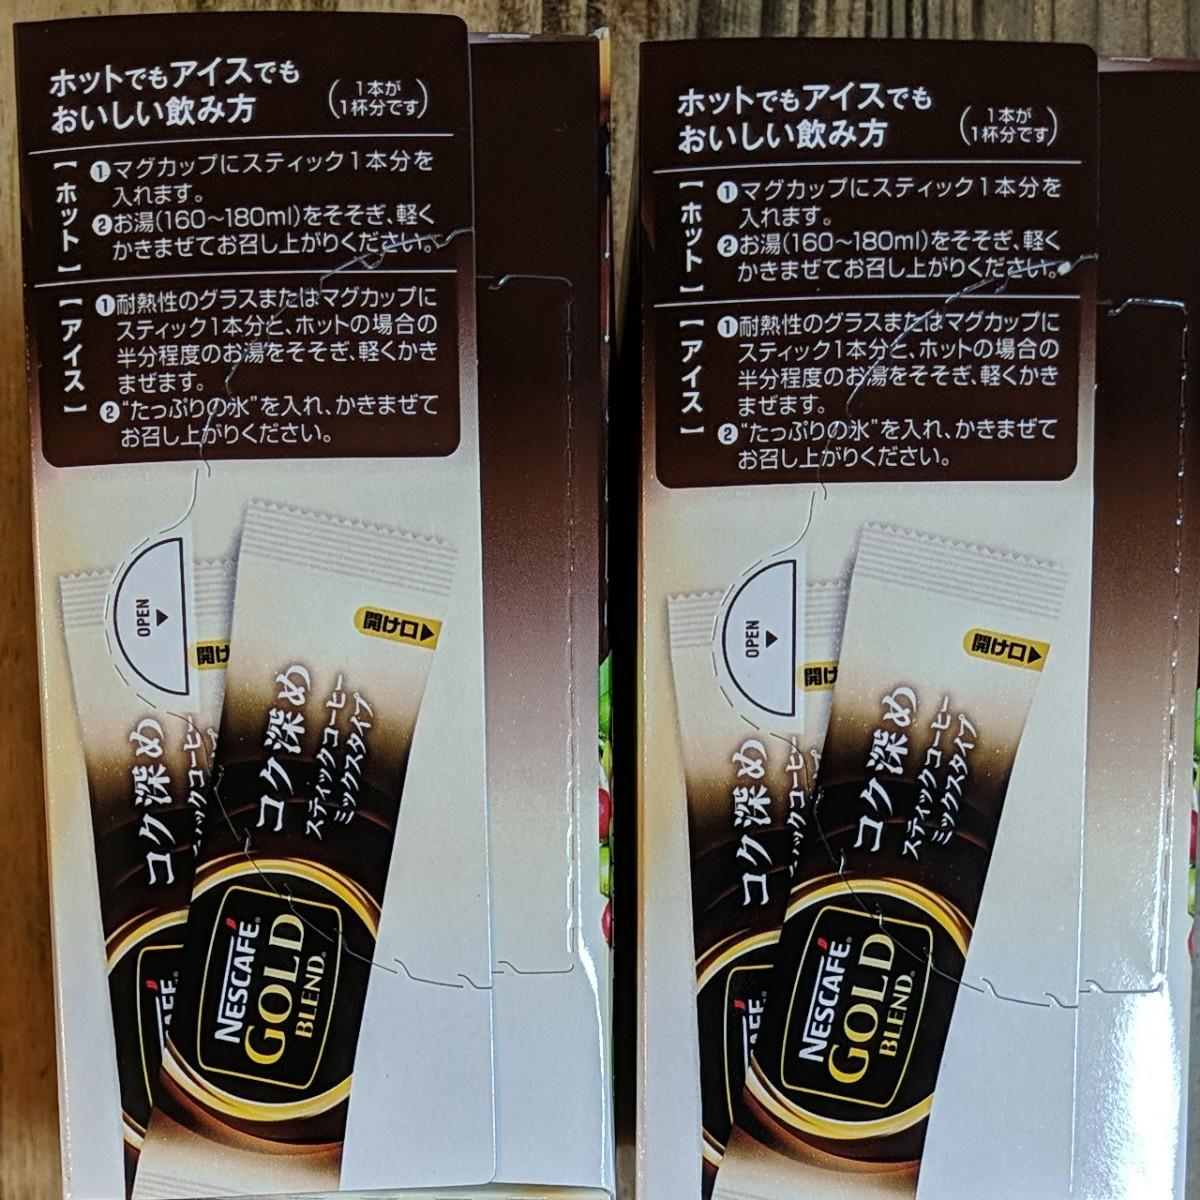 ネスカフェ ゴールドブレンド コク深め カフェラテ レギュラーソリュブルコーヒー ネスレ スティックコーヒー 2箱